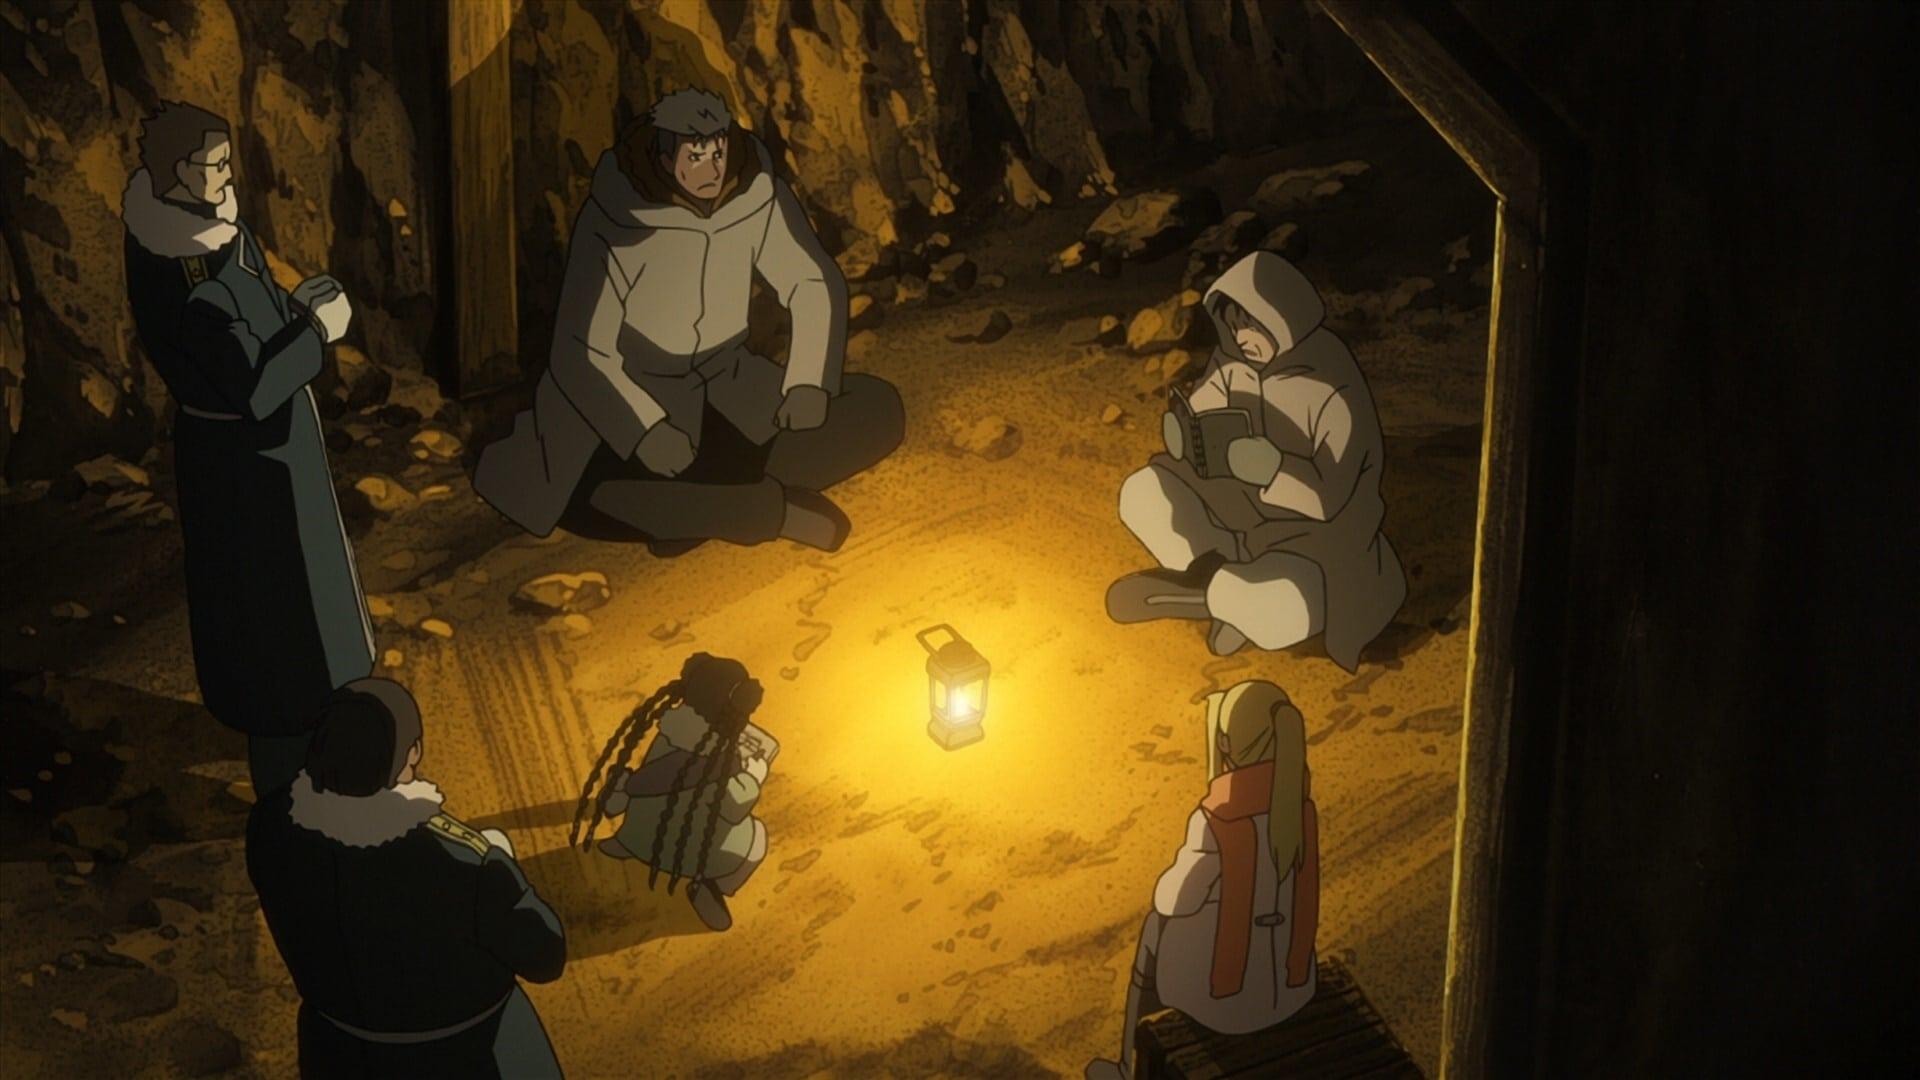 Imagen Re:Zero kara Hajimeru Isekai Seikatsu: Shin Henshuu-ban